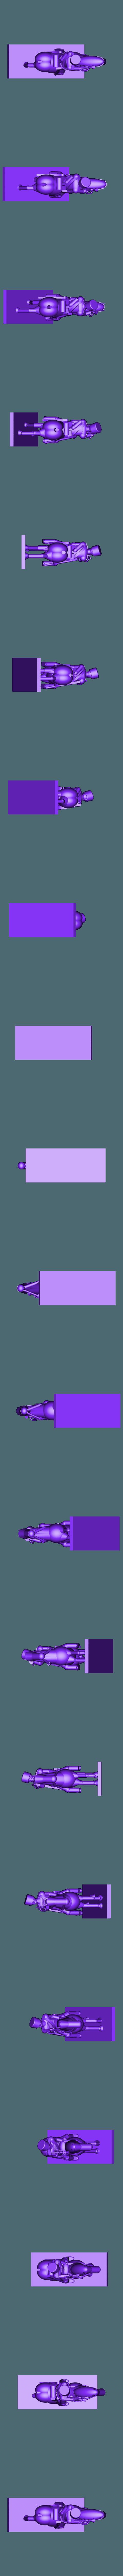 chass_trump1.stl Télécharger fichier STL gratuit Napoléoniens - 2ème partie - Français / Alliés Cavalerie • Plan imprimable en 3D, Earsling